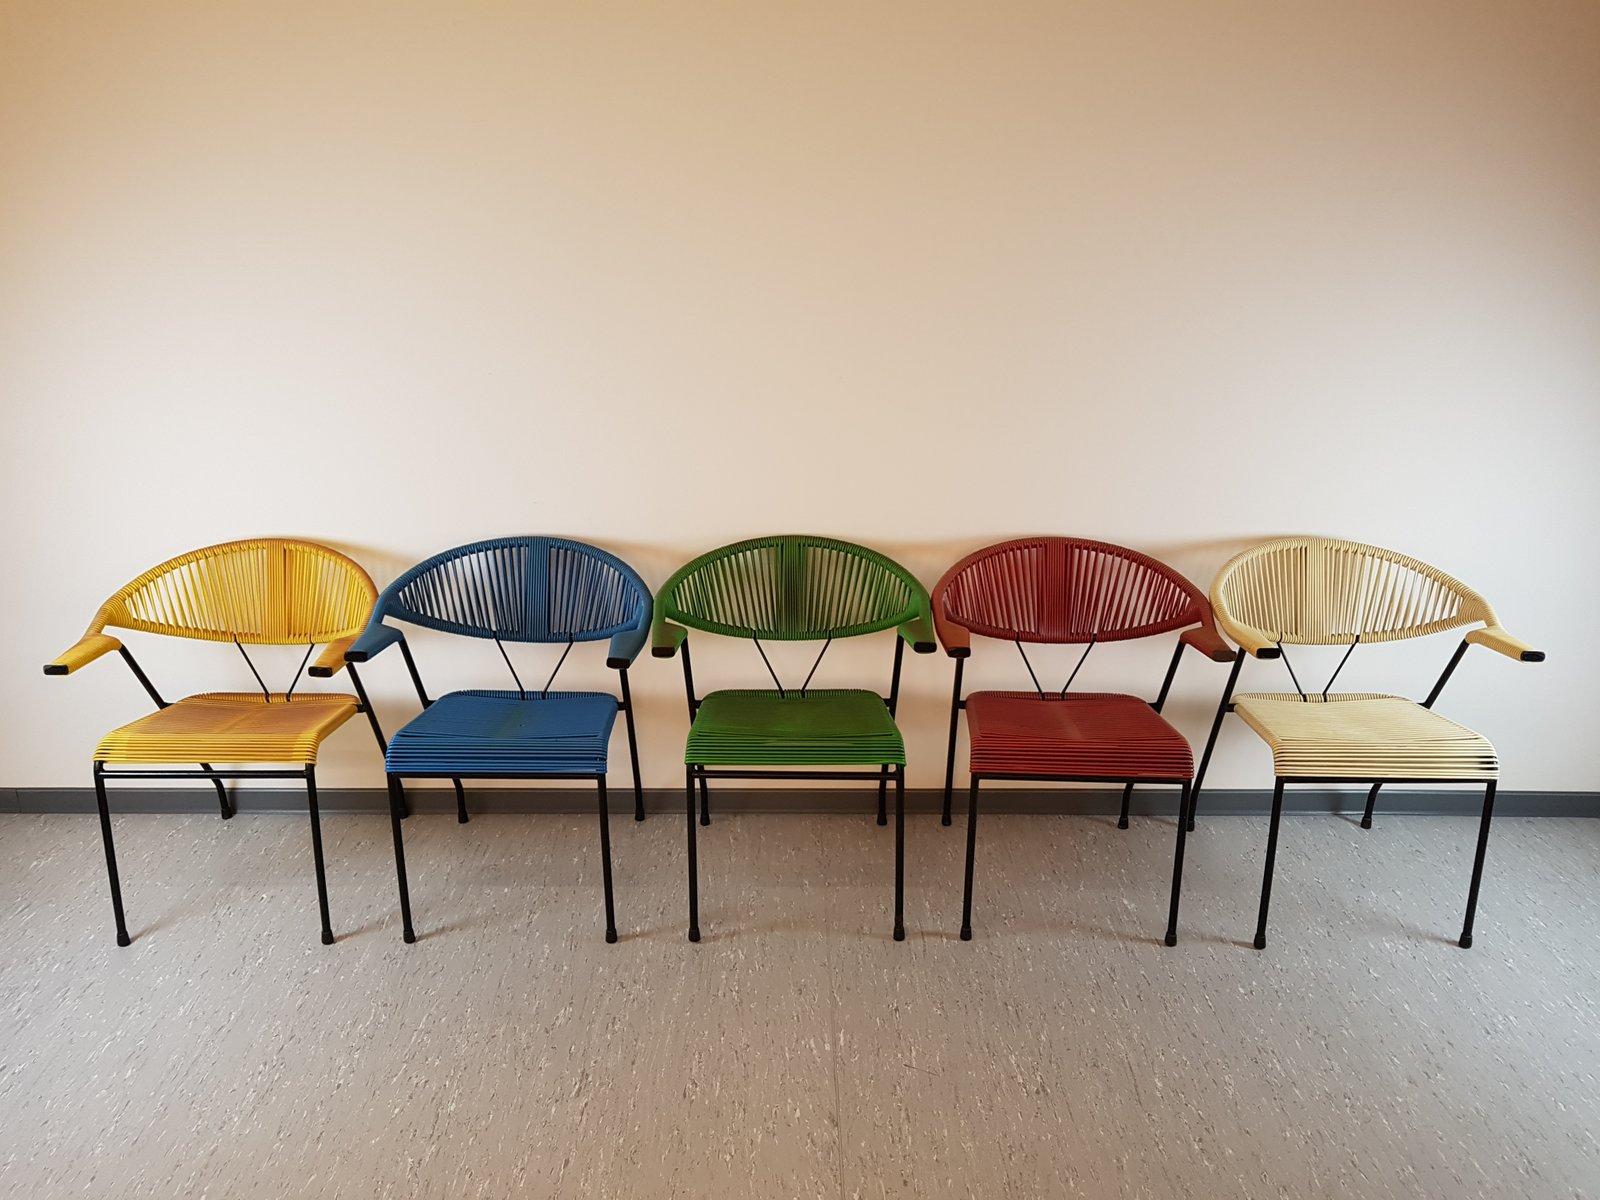 Fauteuils Vintage Colorés S Set De En Vente Sur Pamono - Fauteuils colores